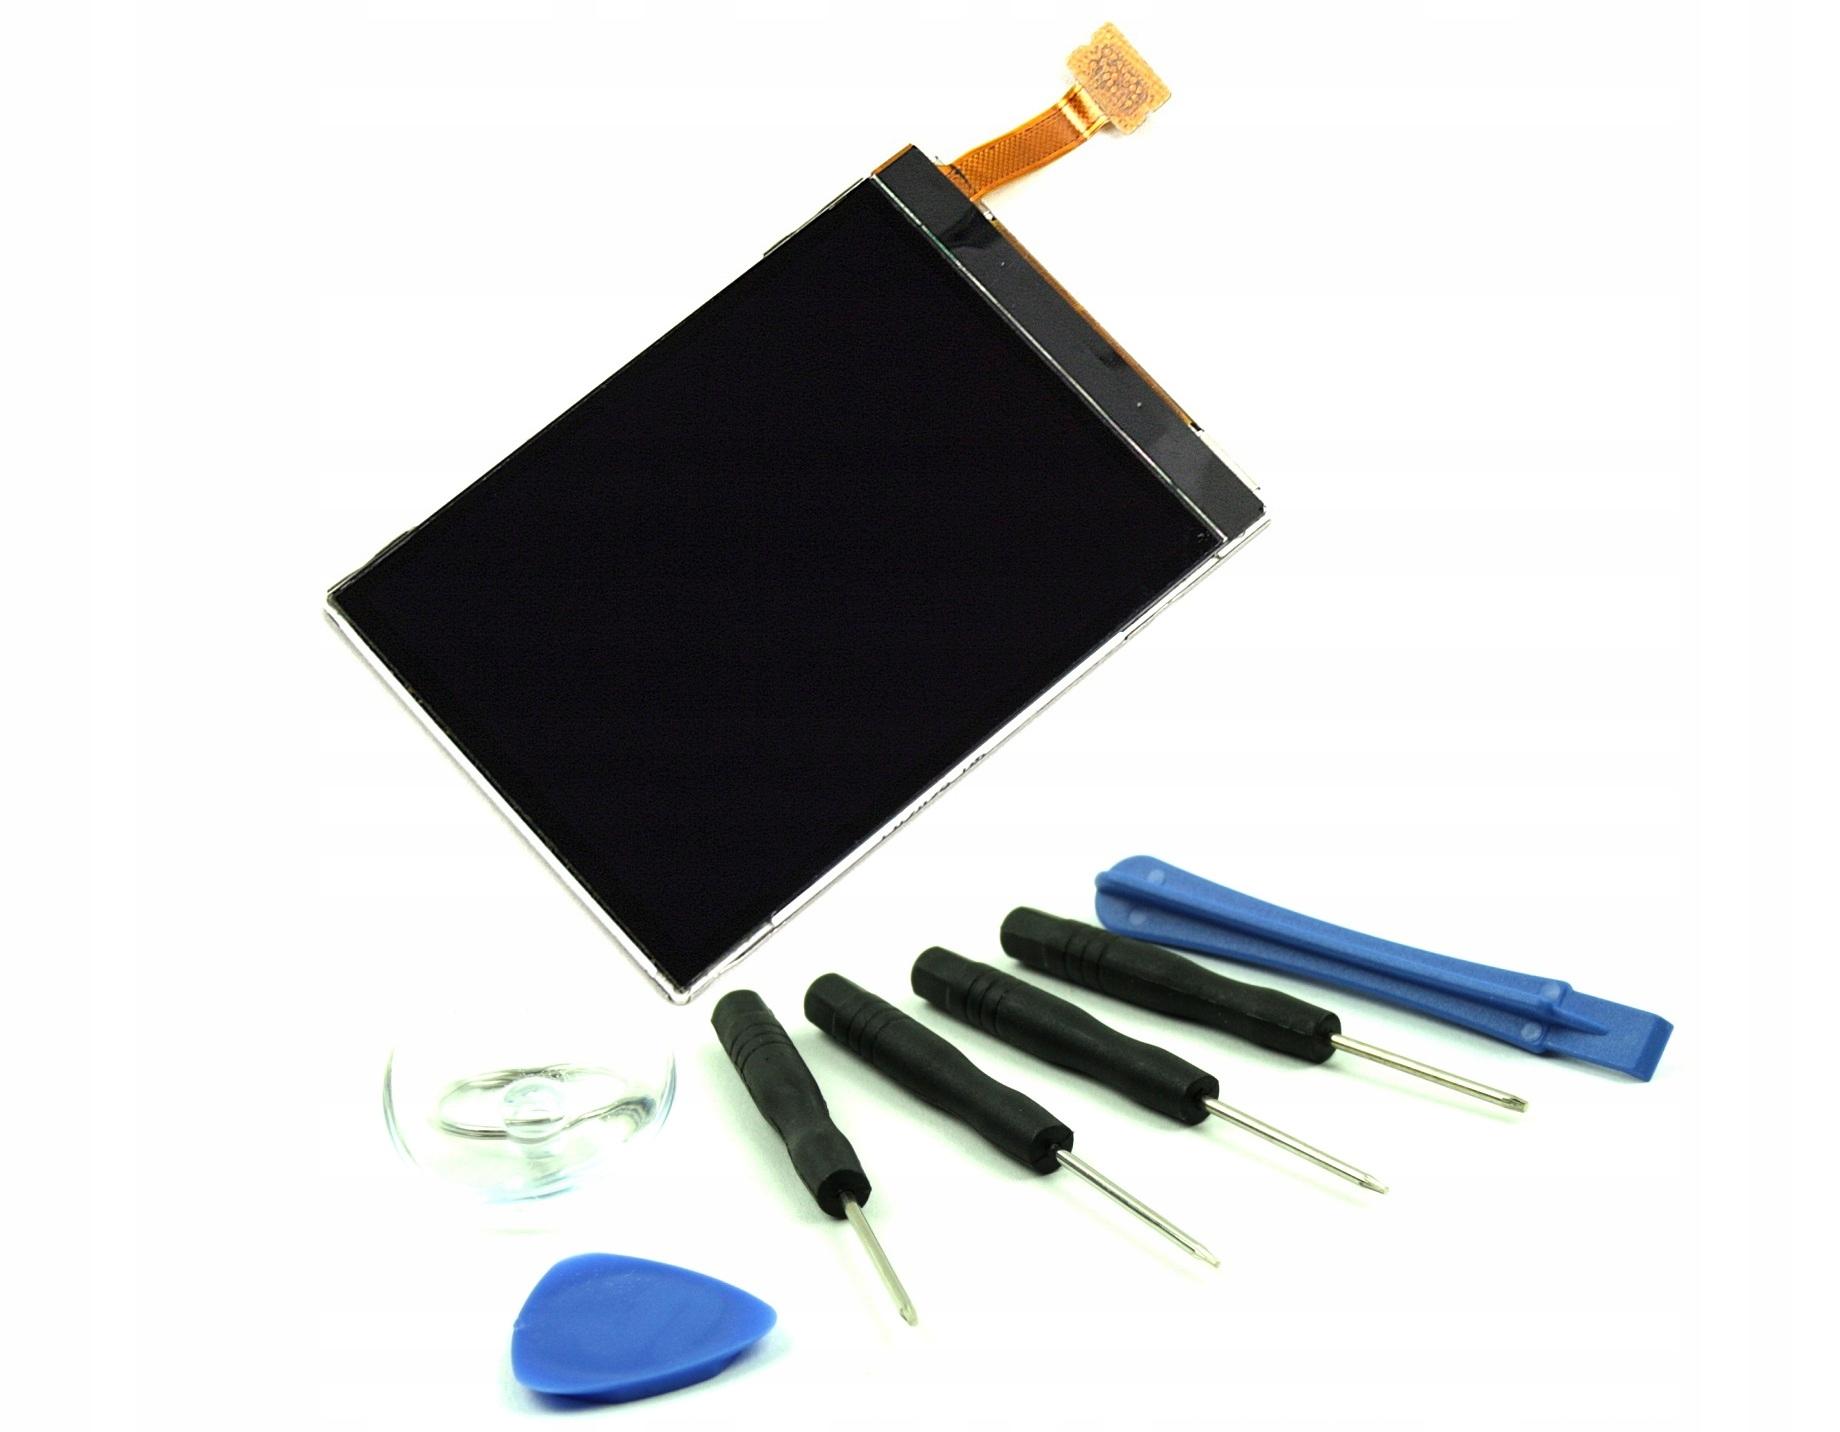 E52 NOKIA E55 N82 E75 WYŚWIETLACZ LCD N78 6210N